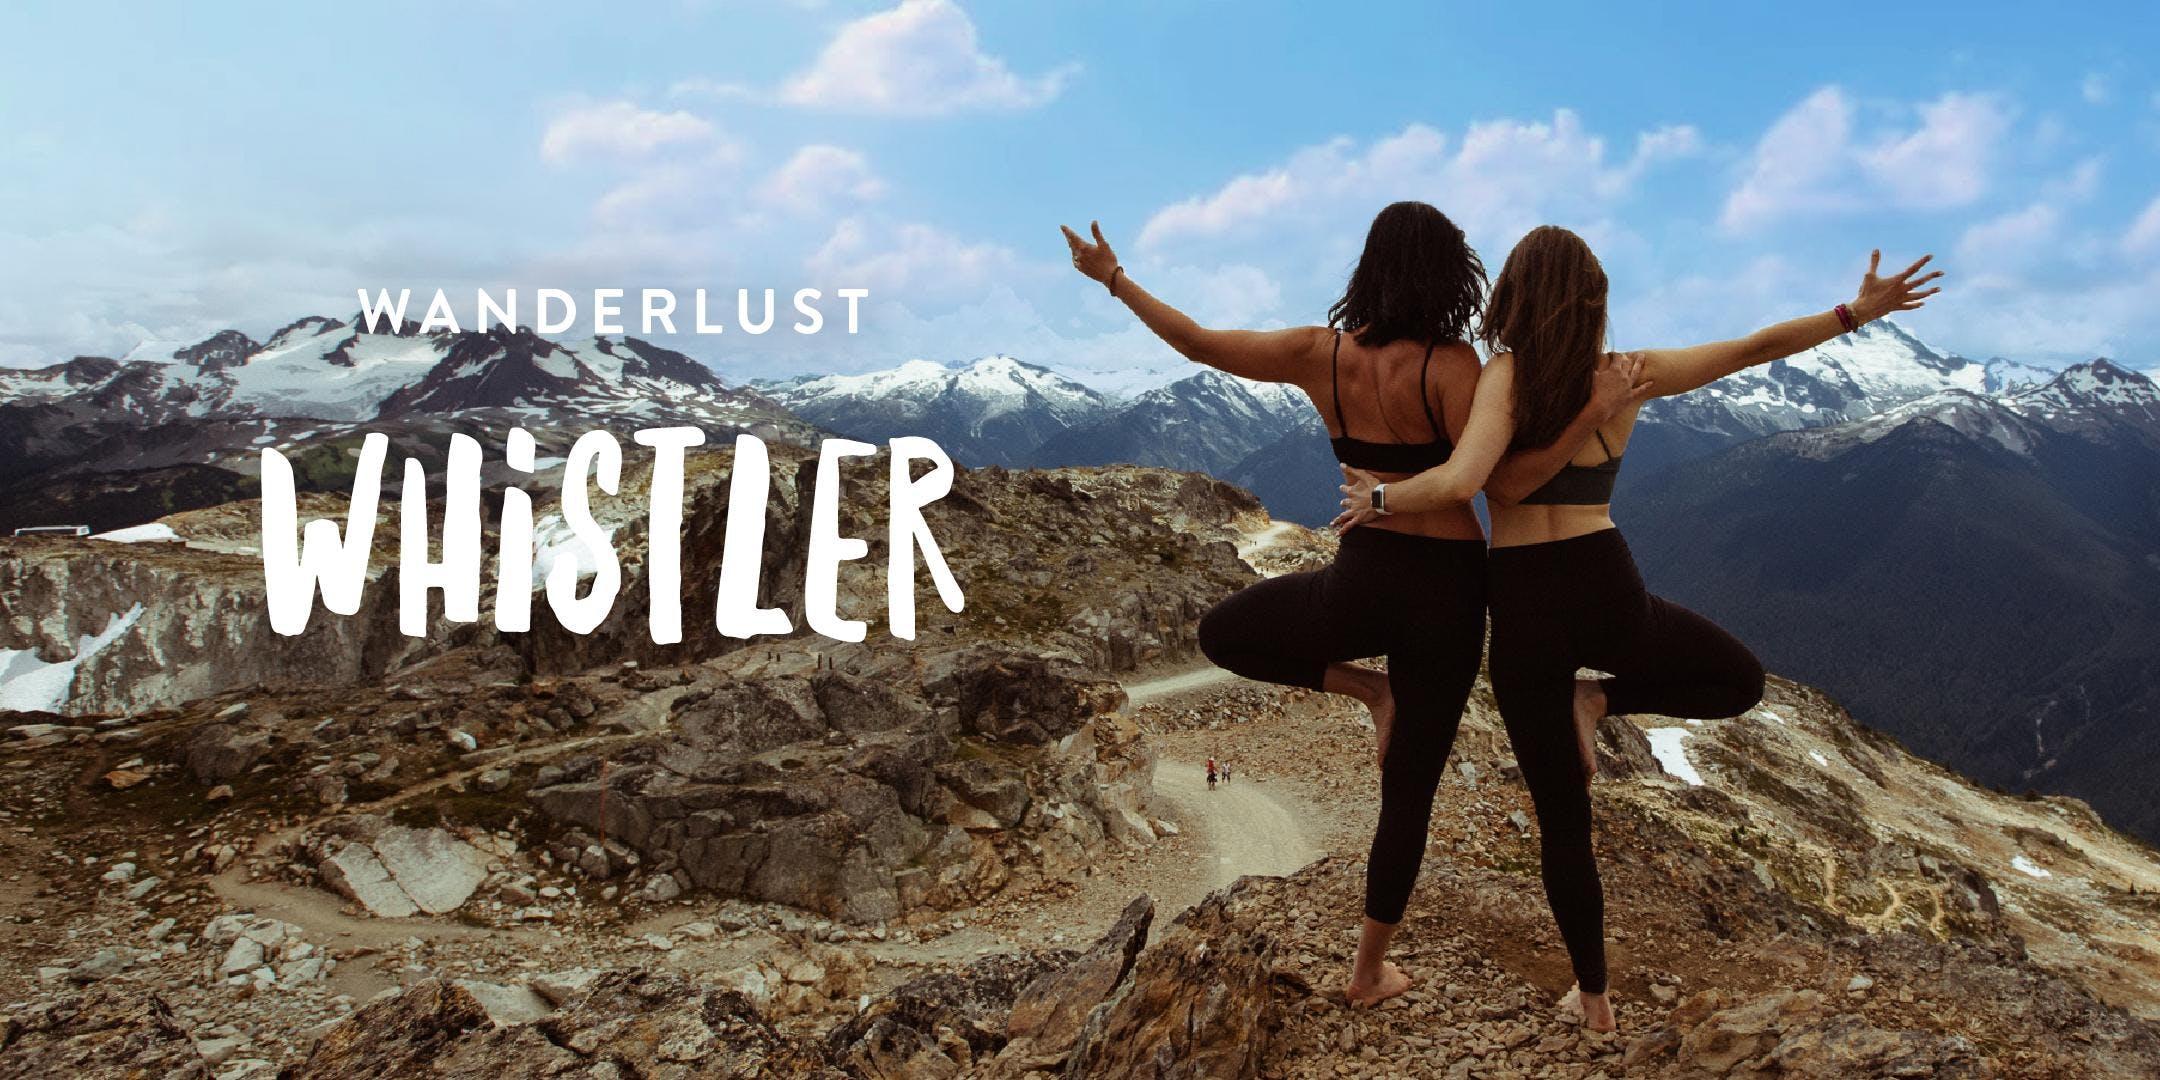 Wanderlust Whistler 2019